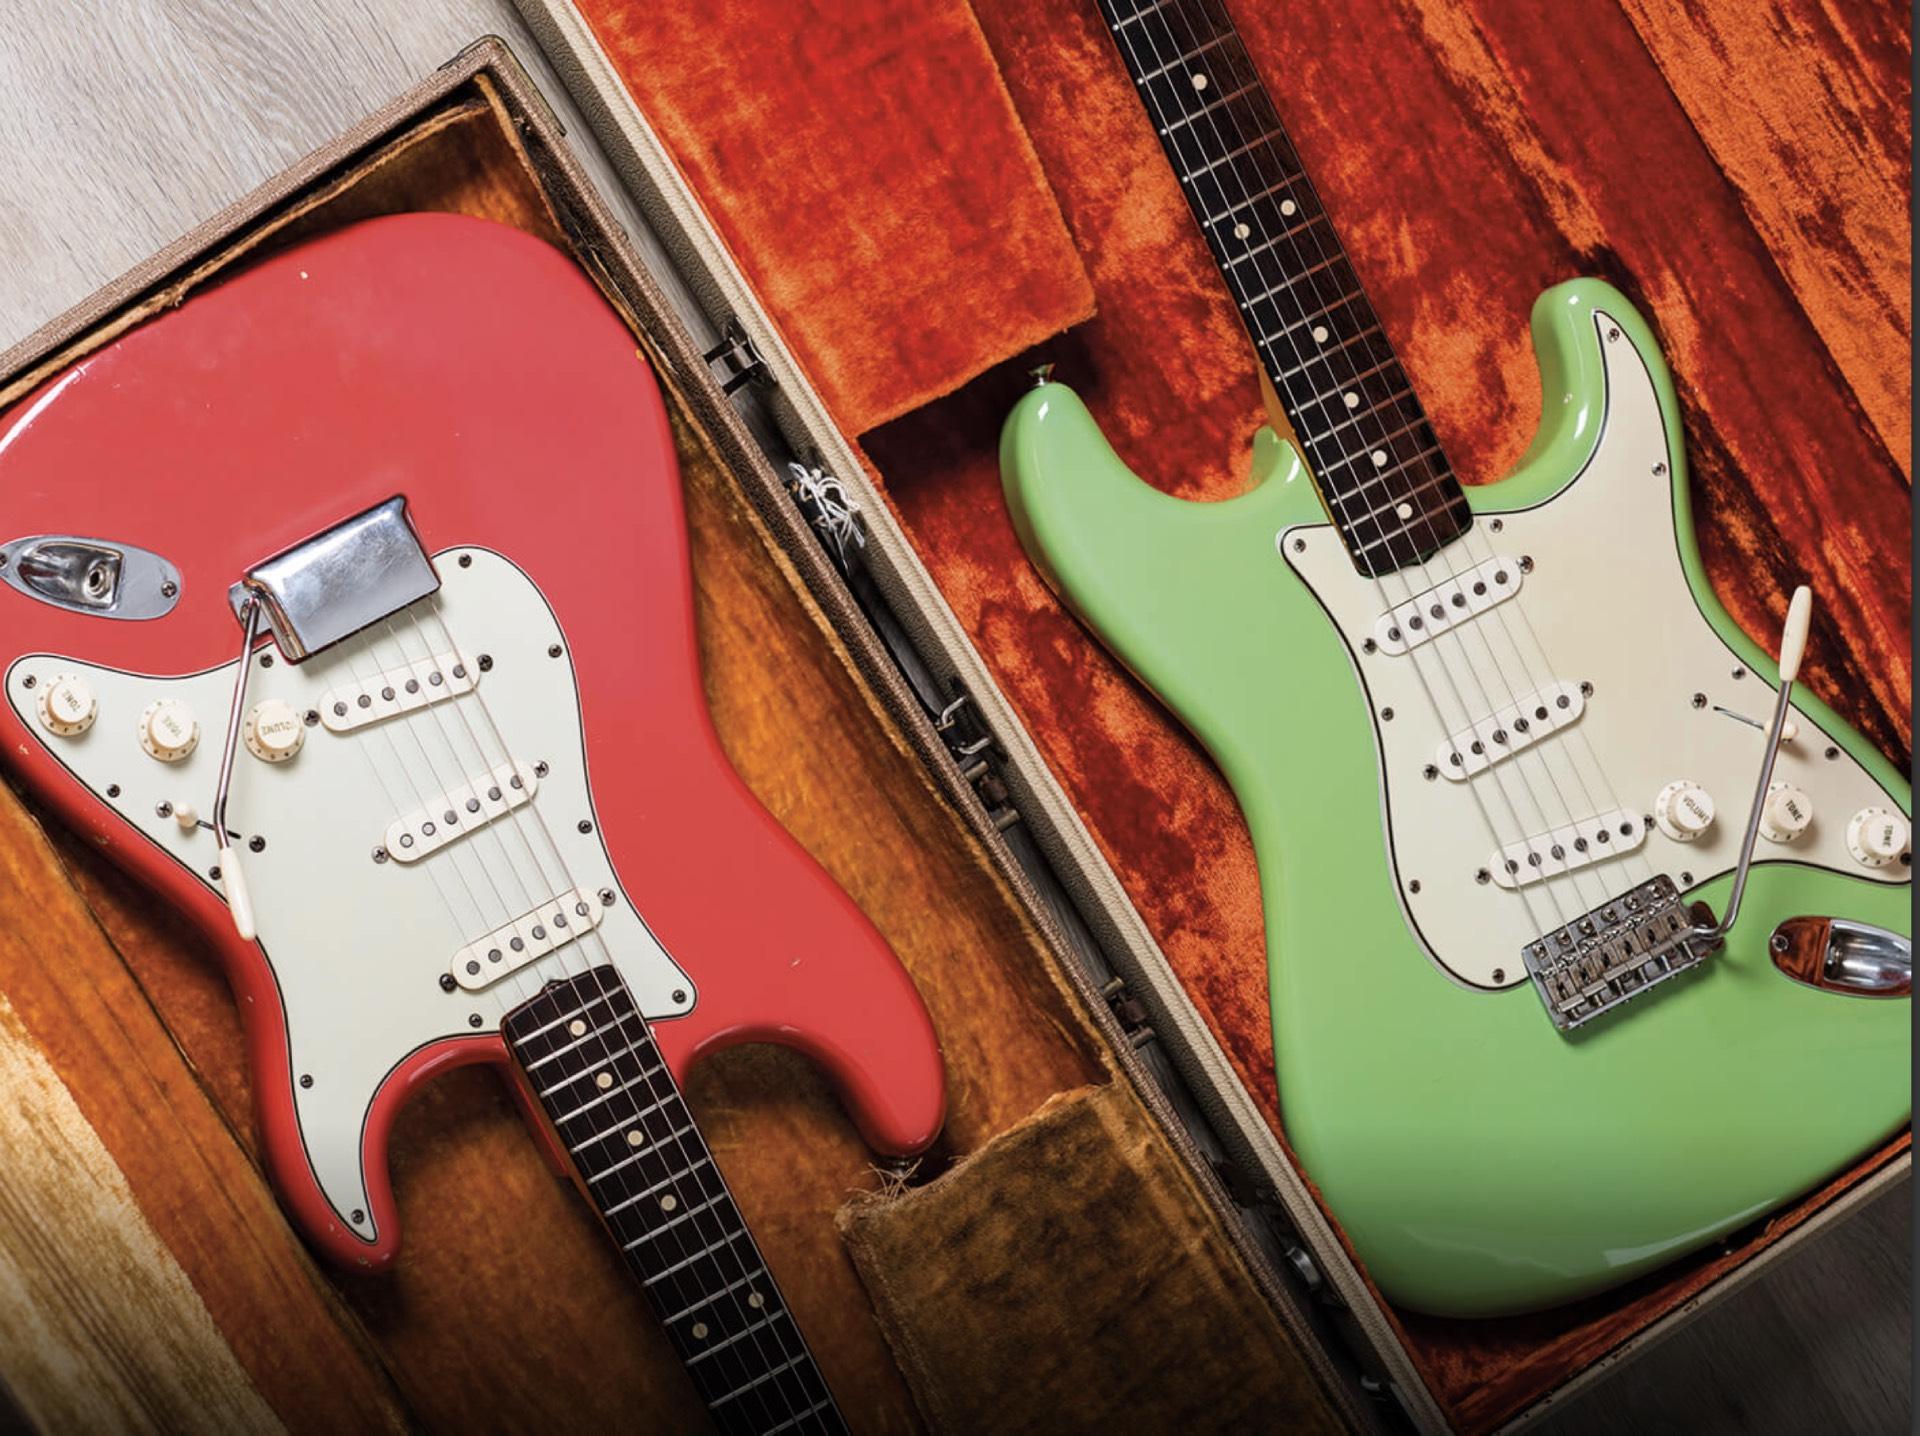 1961 & 1963 Fender Stratocaster